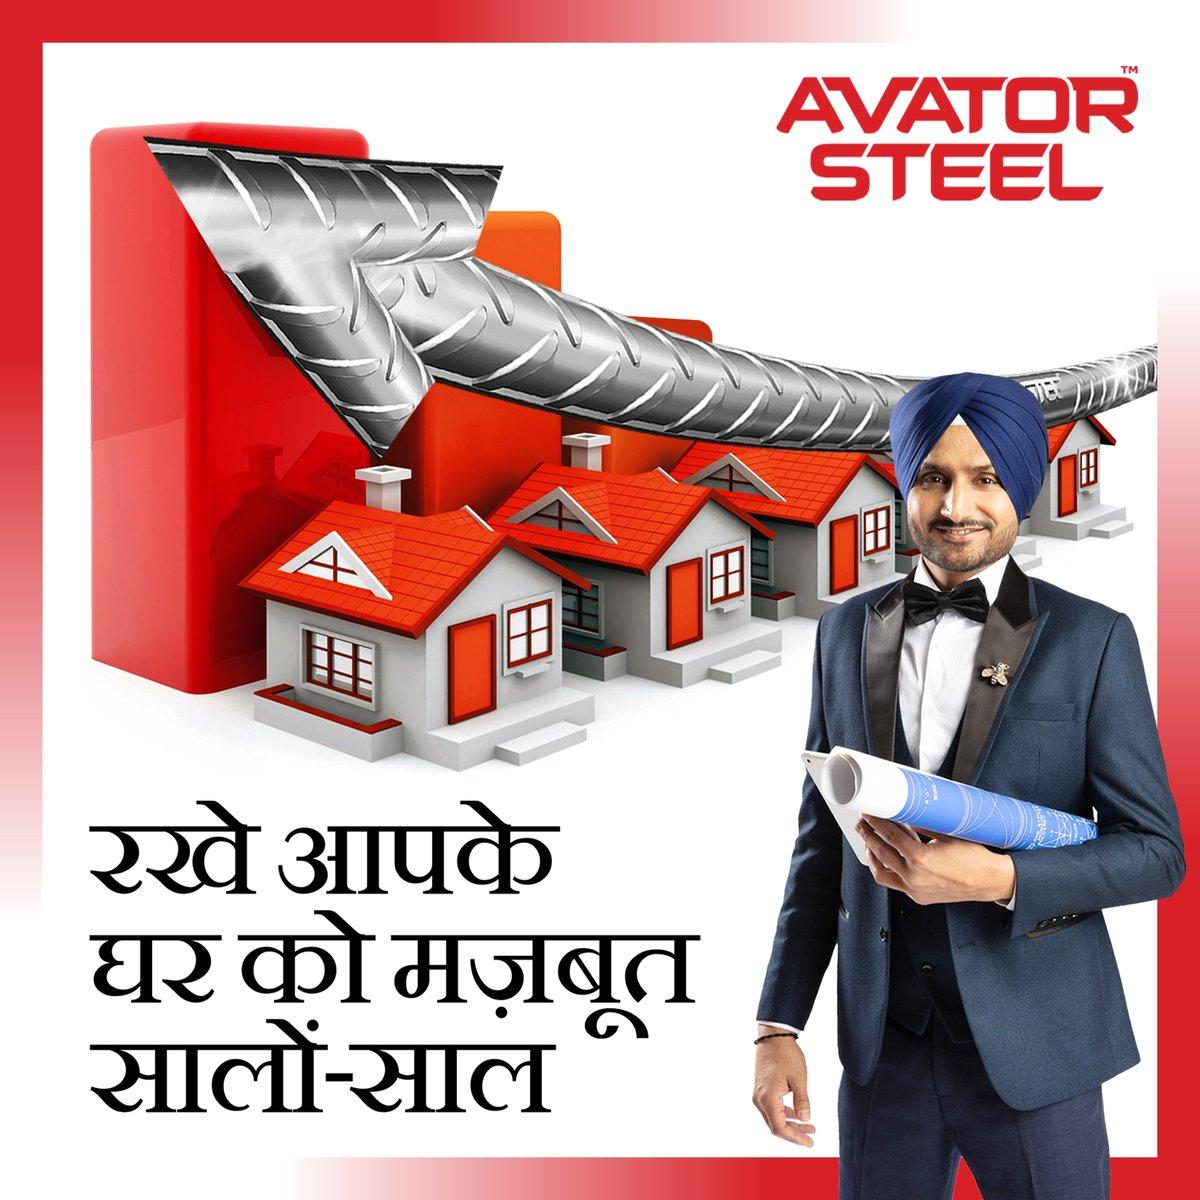 #AvatorSteel रखे आपके घर को हर तरह के प्राकृतिक आपदा से सुरक्षित और बड़ायें आपके घर की अंदरूनी ताक़त ताकि घर टिके सालों-साल।  #rustprooftmtbar #earthquakeproof #HarbhajanSingh  @harbhajan_singh